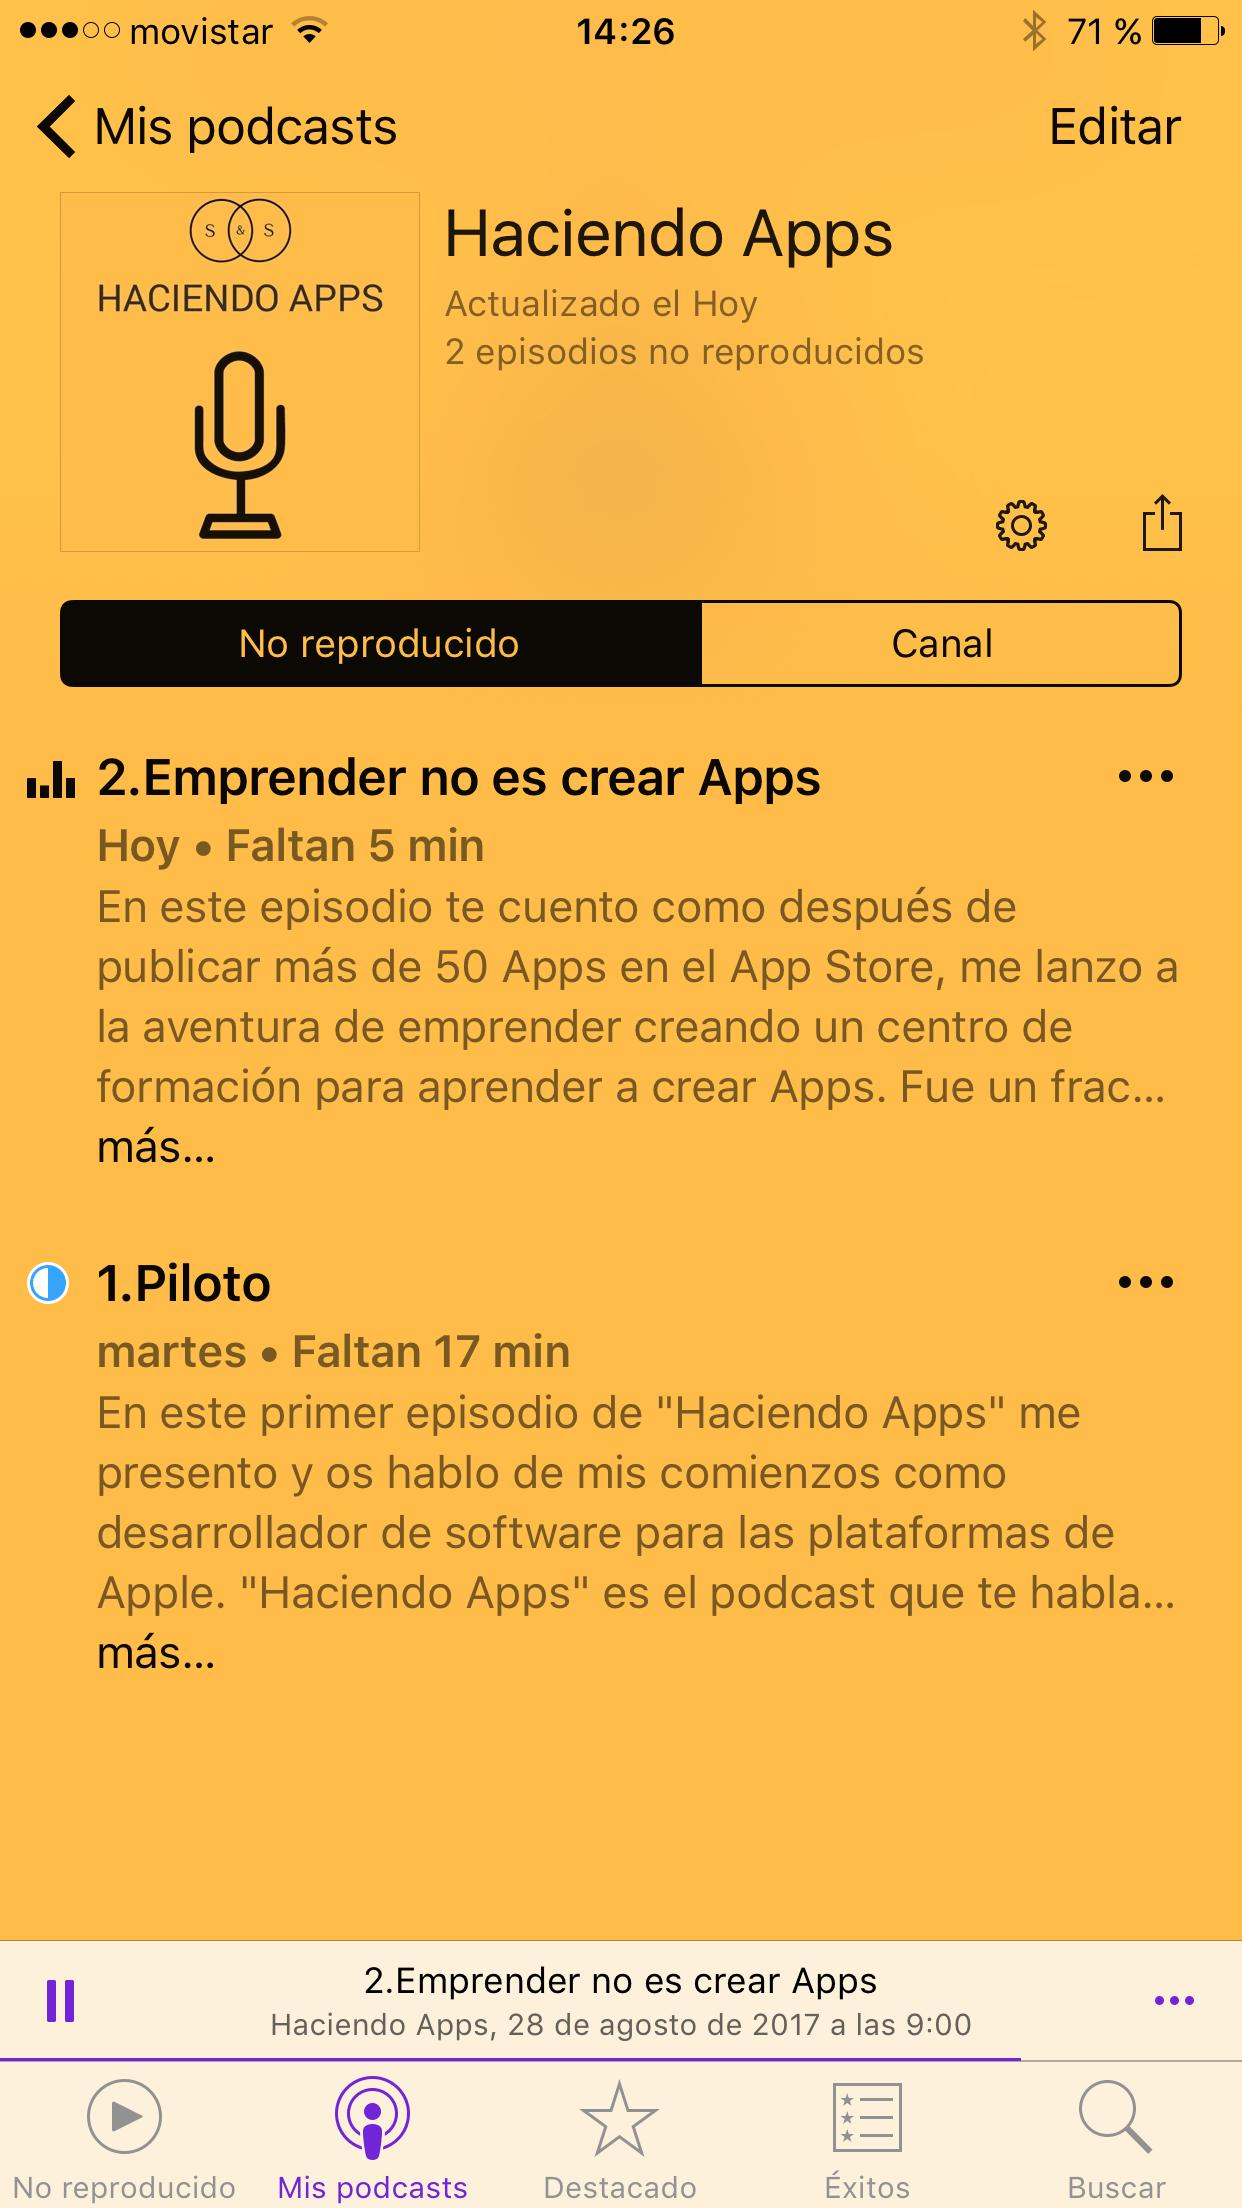 Haciendo Apps - El Podcast2